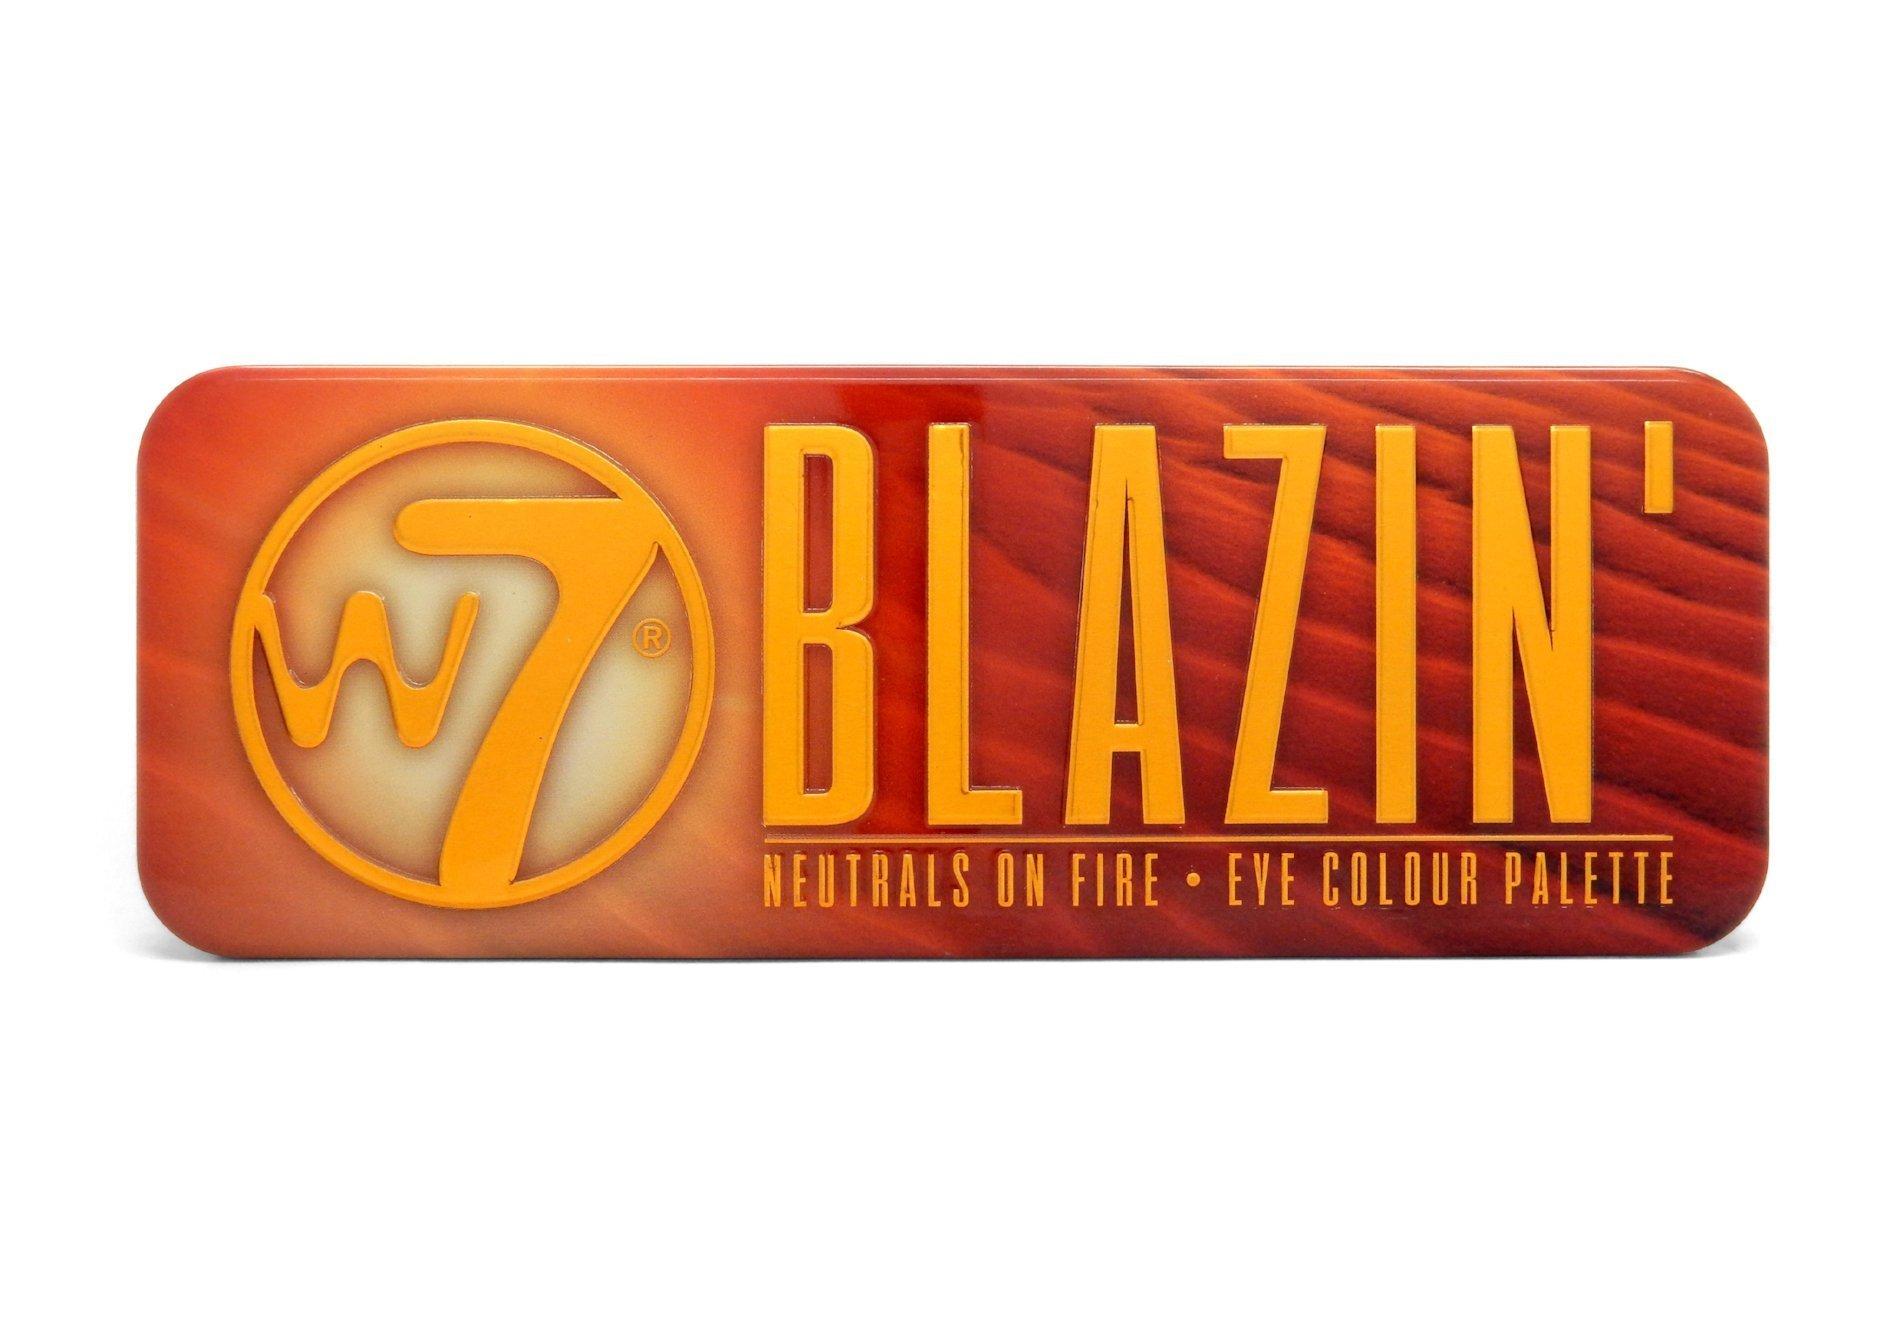 W7 Blazin Eyeshadow Review